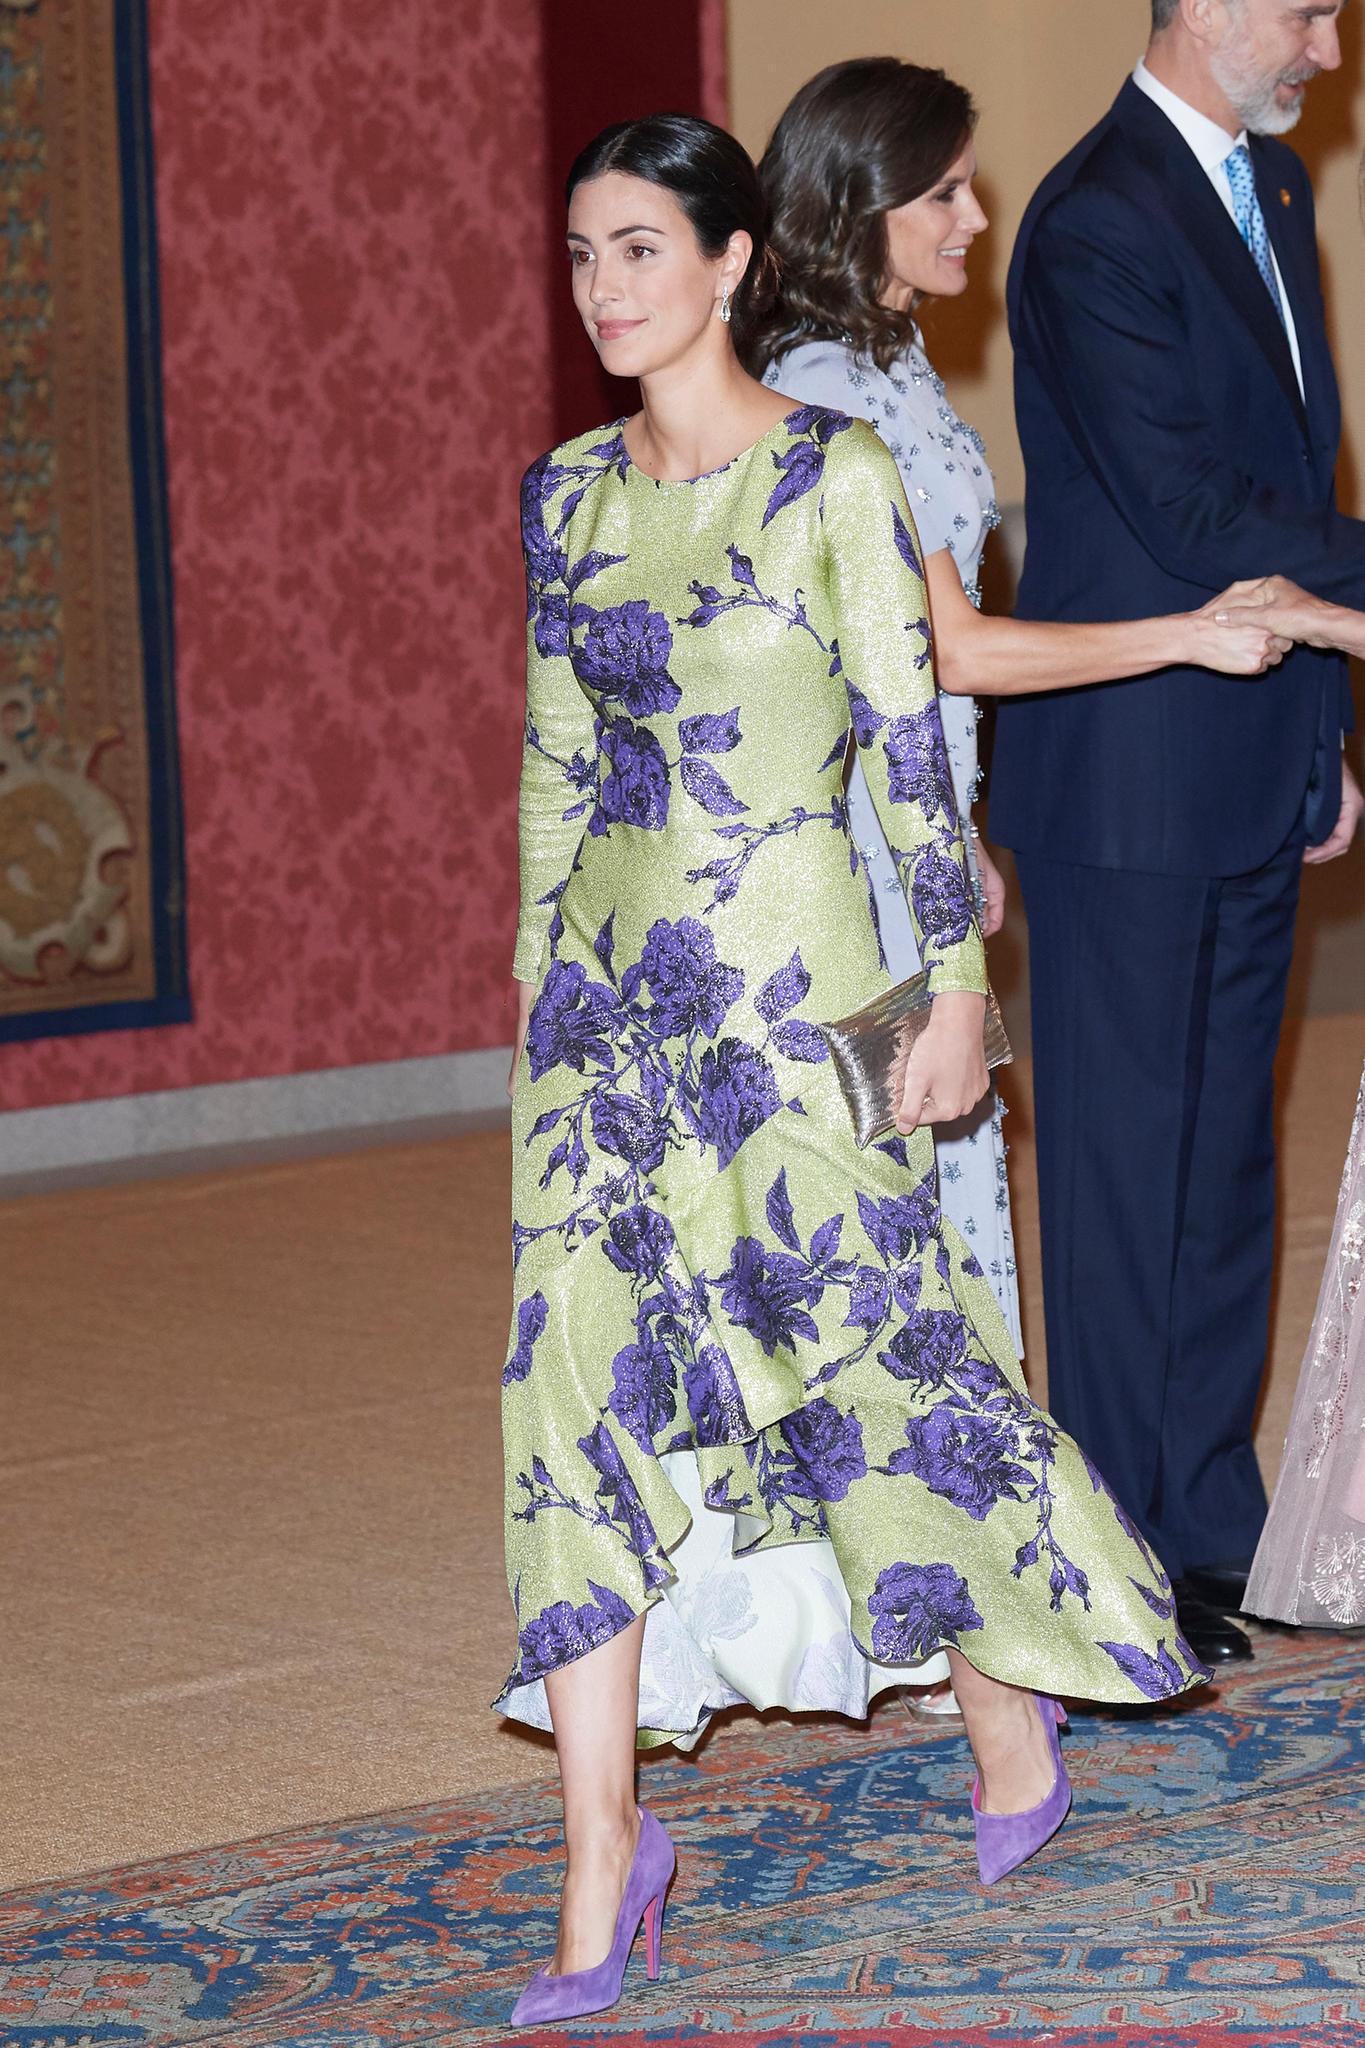 Alessandra de Osma Ende Februar 2019 bei einem Empfang des peruanischen Präsidenten für das spanische Königspaar.